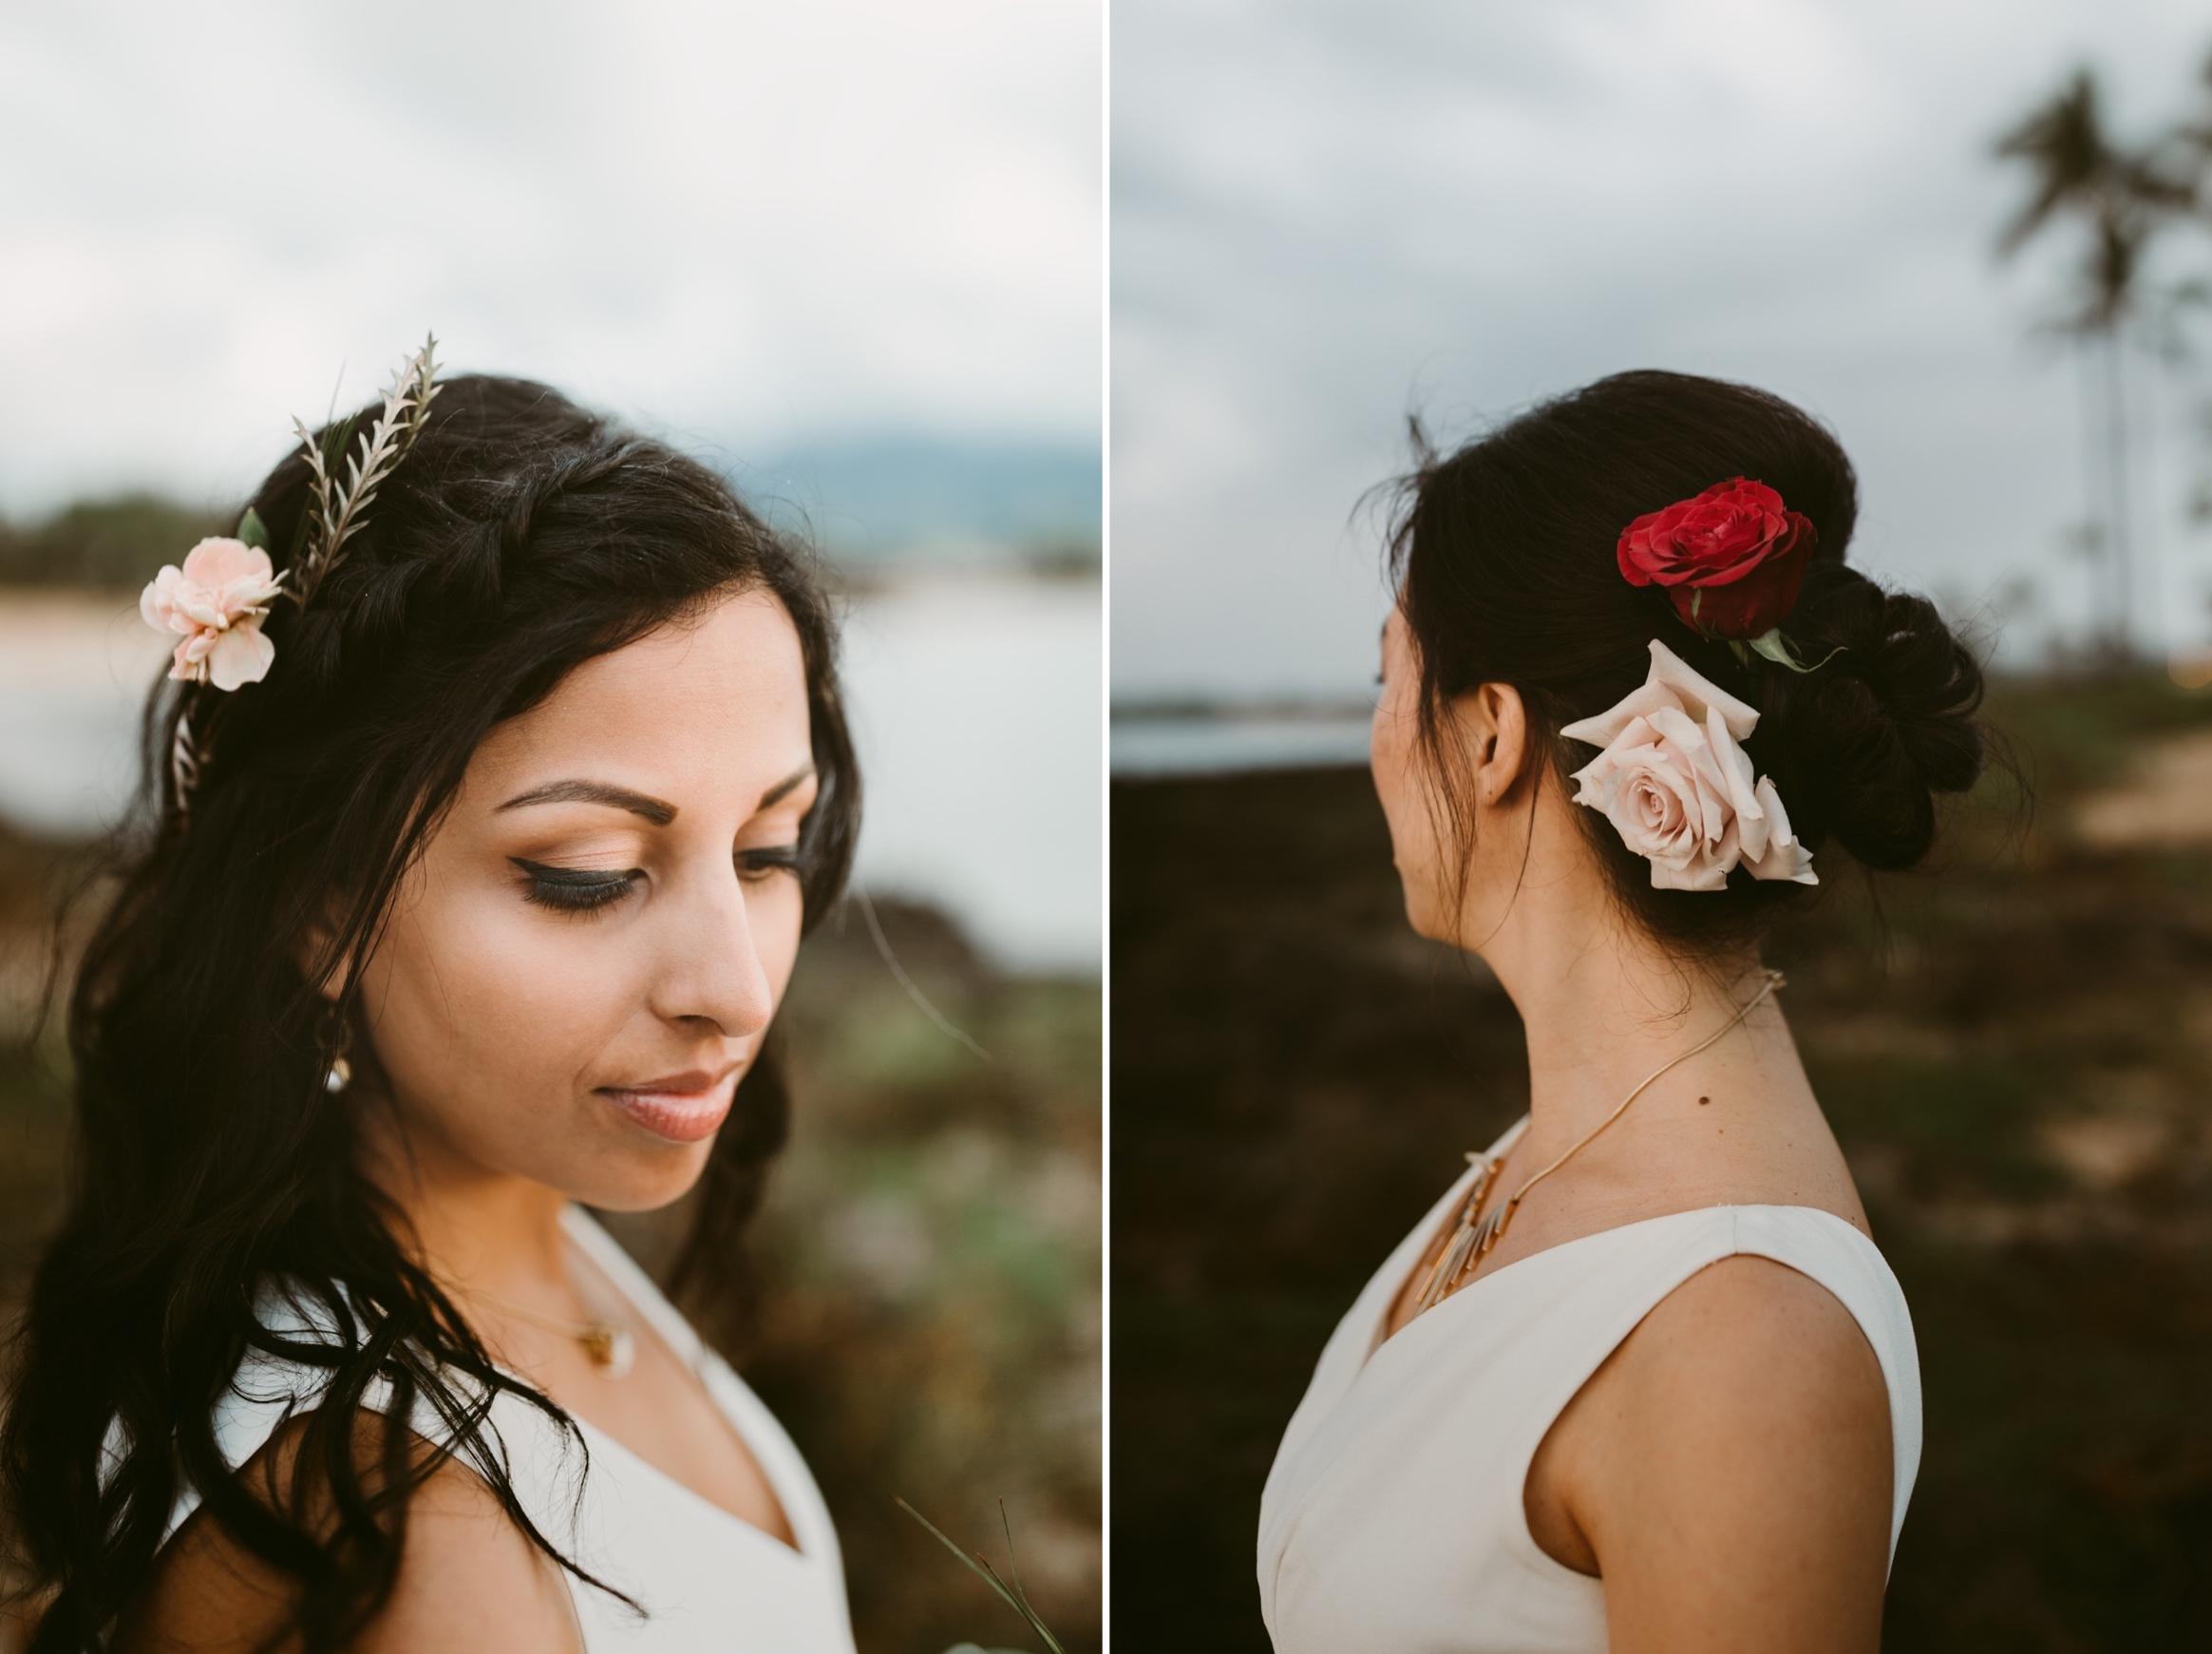 54_Oahu Hawaii Wedding  (227 of 294)_Oahu Hawaii Wedding  (235 of 294)_Oahu_sex_Hawaii_same_wedding_elopement_photographer.jpg